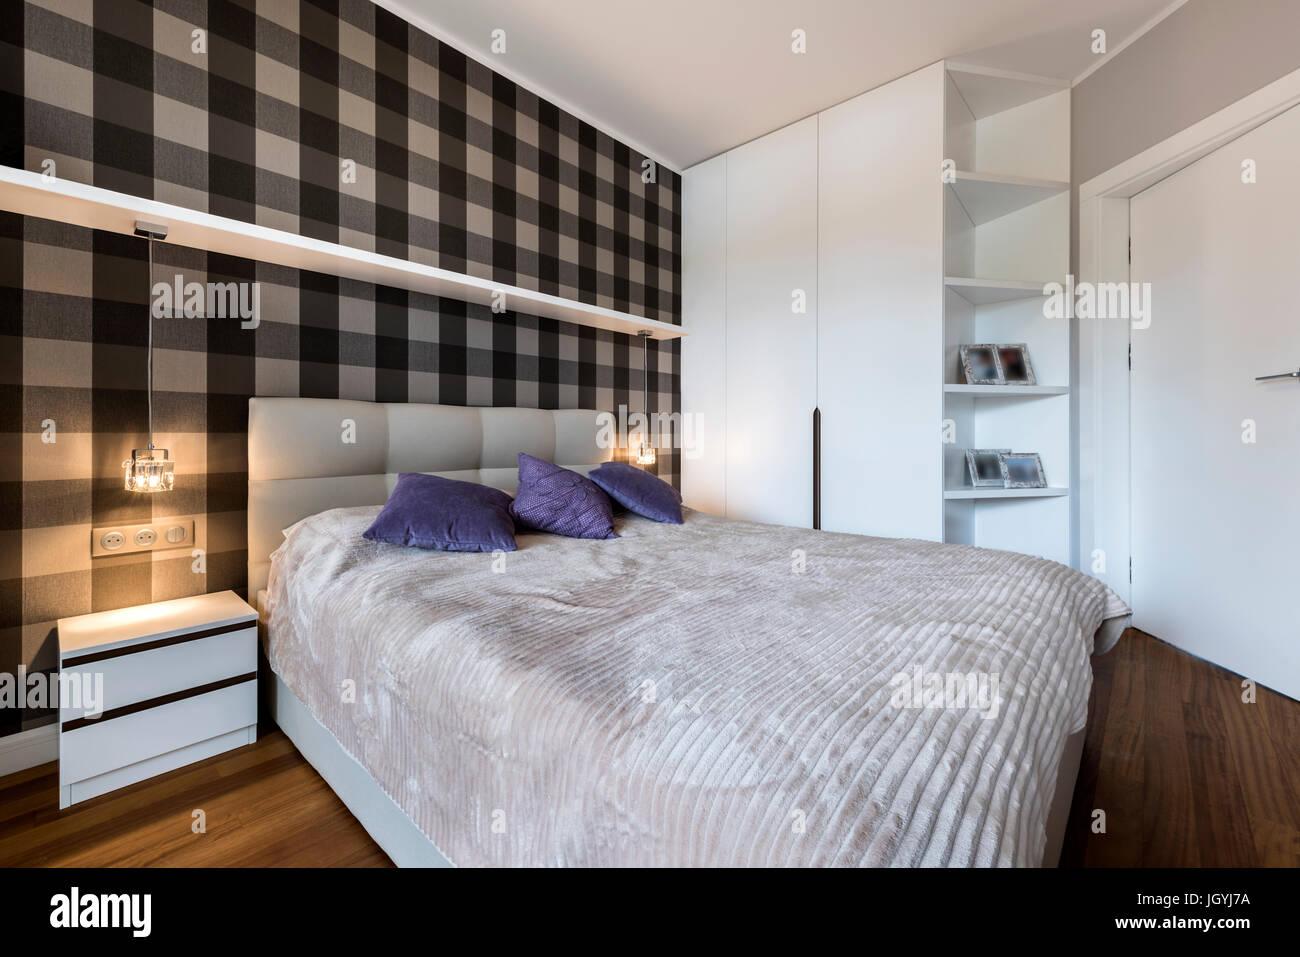 Moderne Schlafzimmer mit Schachbrettmuster an der Wand und Schrank ...